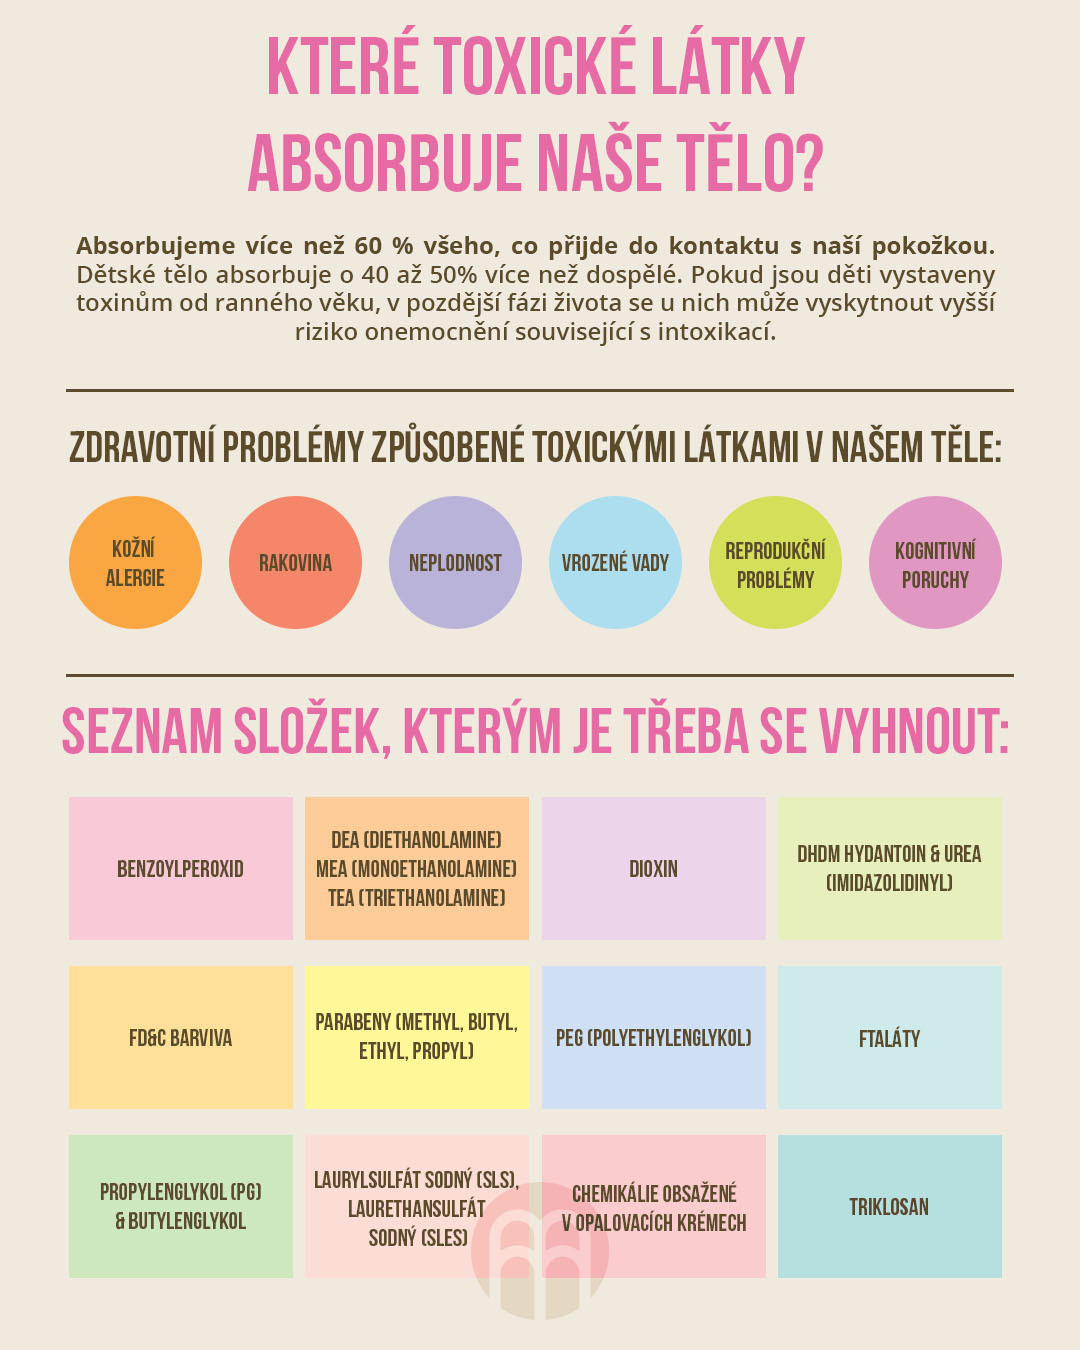 ktere-toxicke-latky-absorbuje-telo-infografika-insta-oprava